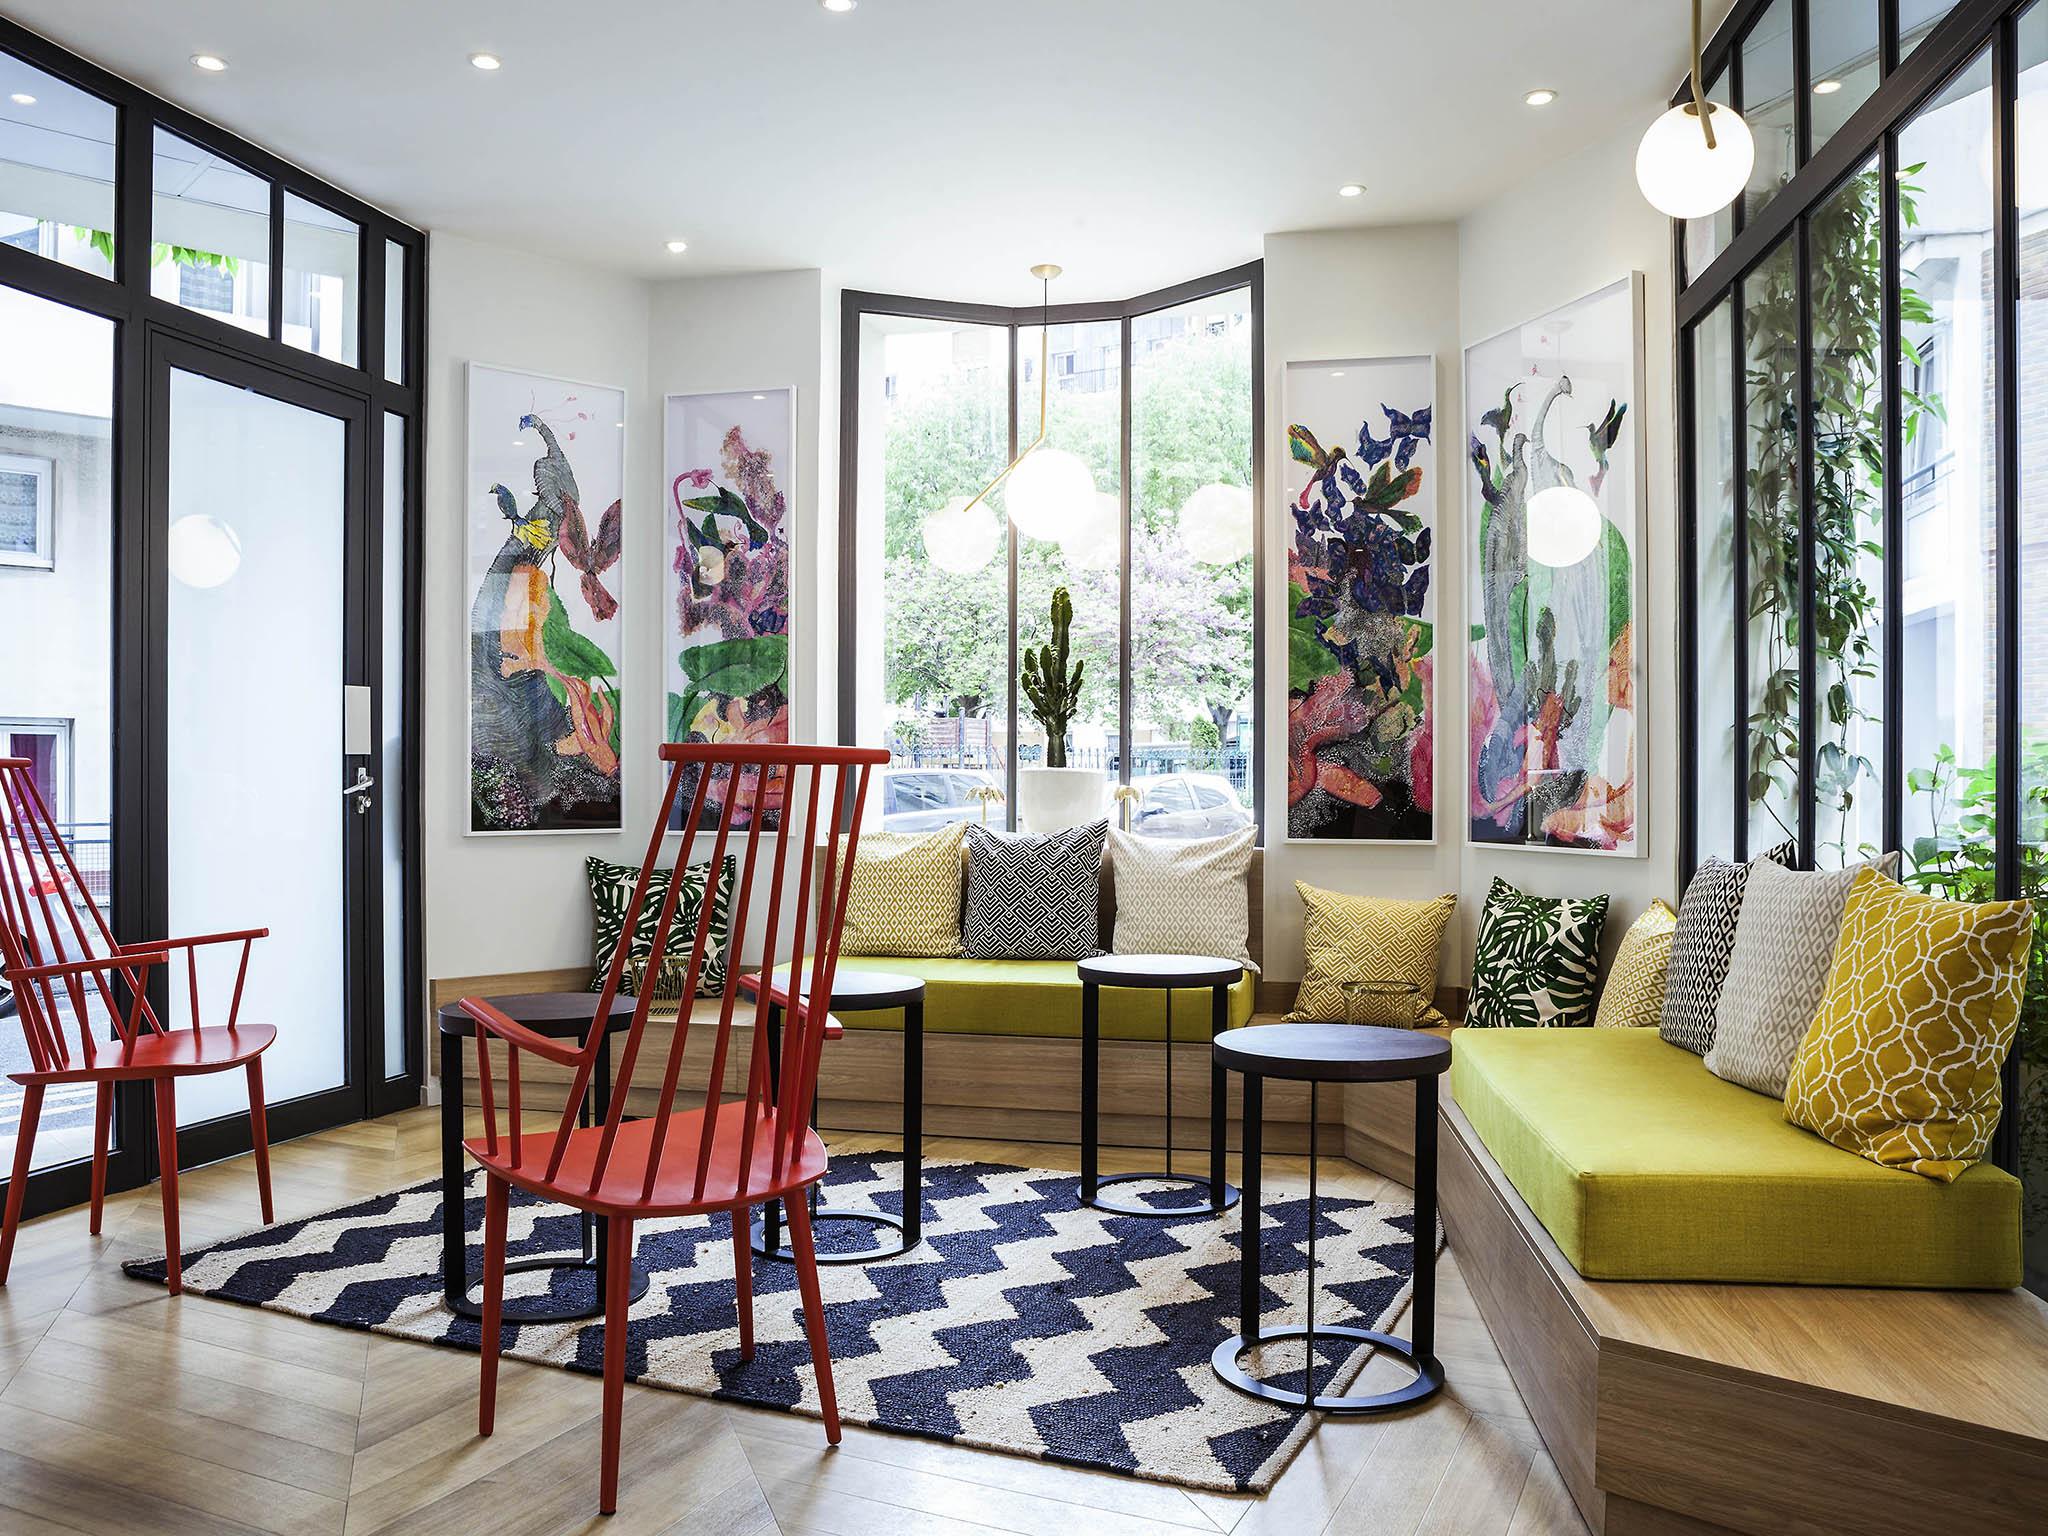 โรงแรม – ไอบิส สไตล์ ปารีส เนชั่น ปอร์ต เดอ มงเทรย